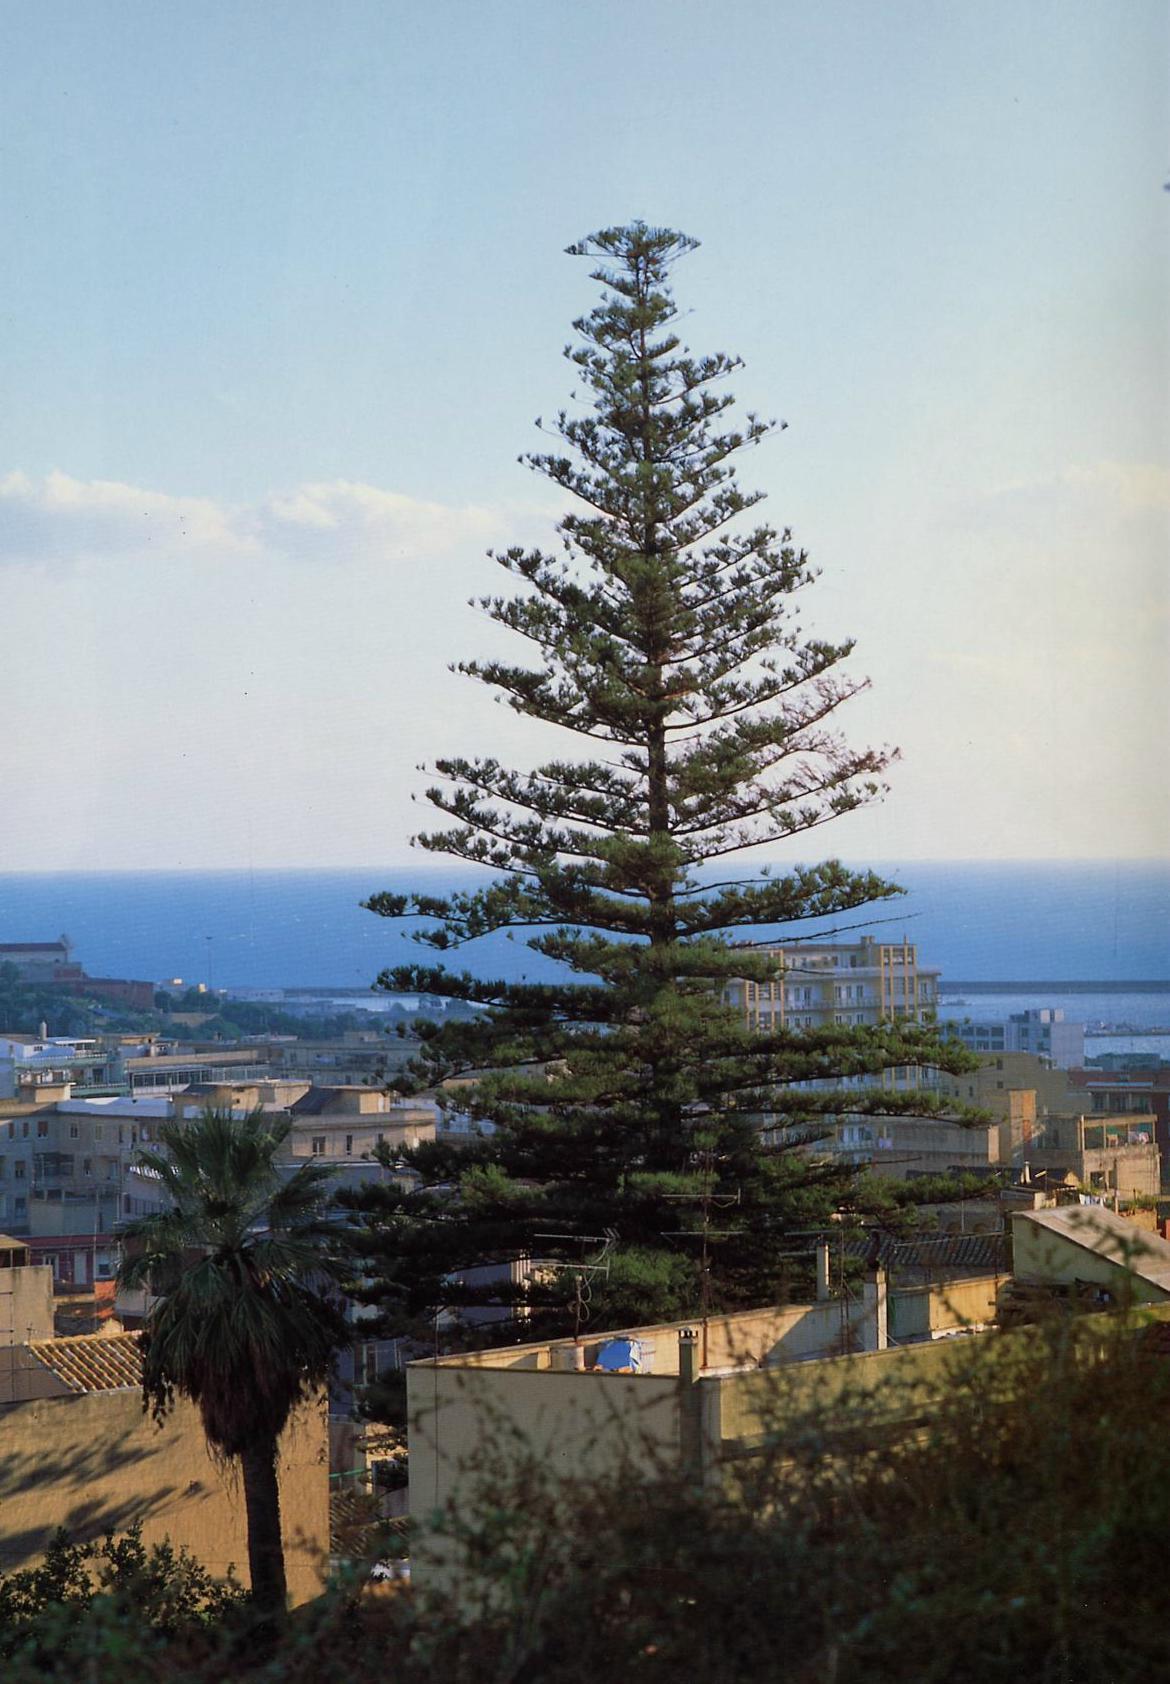 L'Araucaria, l'albero più alto della Sardegna con i suoi 39 metri di altezza